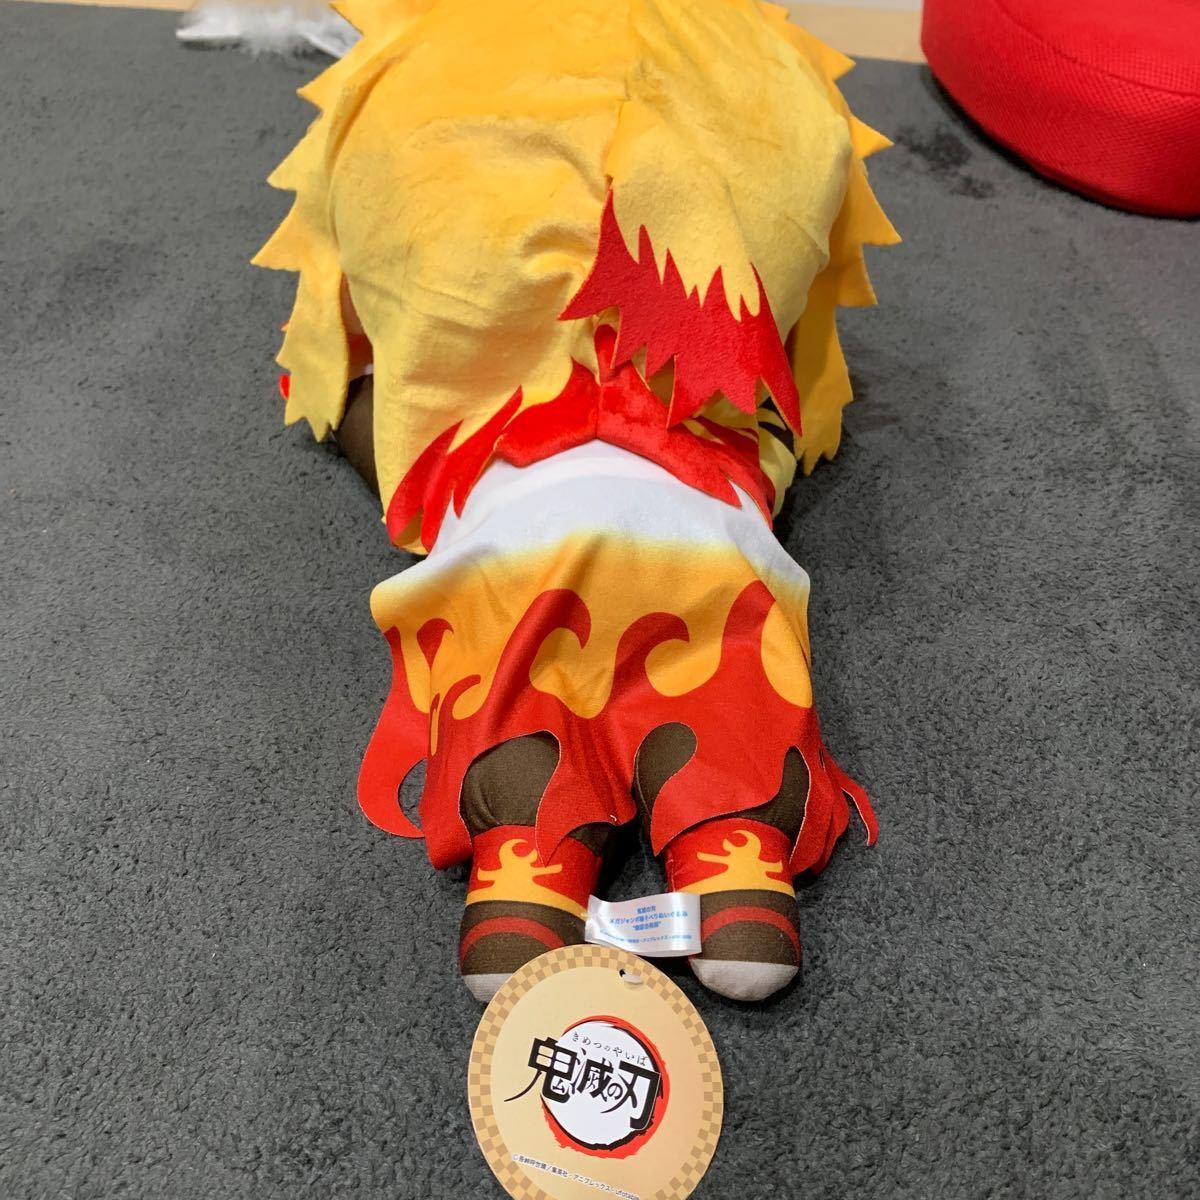 【値下げ中】鬼滅の刃 煉獄杏寿郎 メガジャンボ寝そべりぬいぐるみ